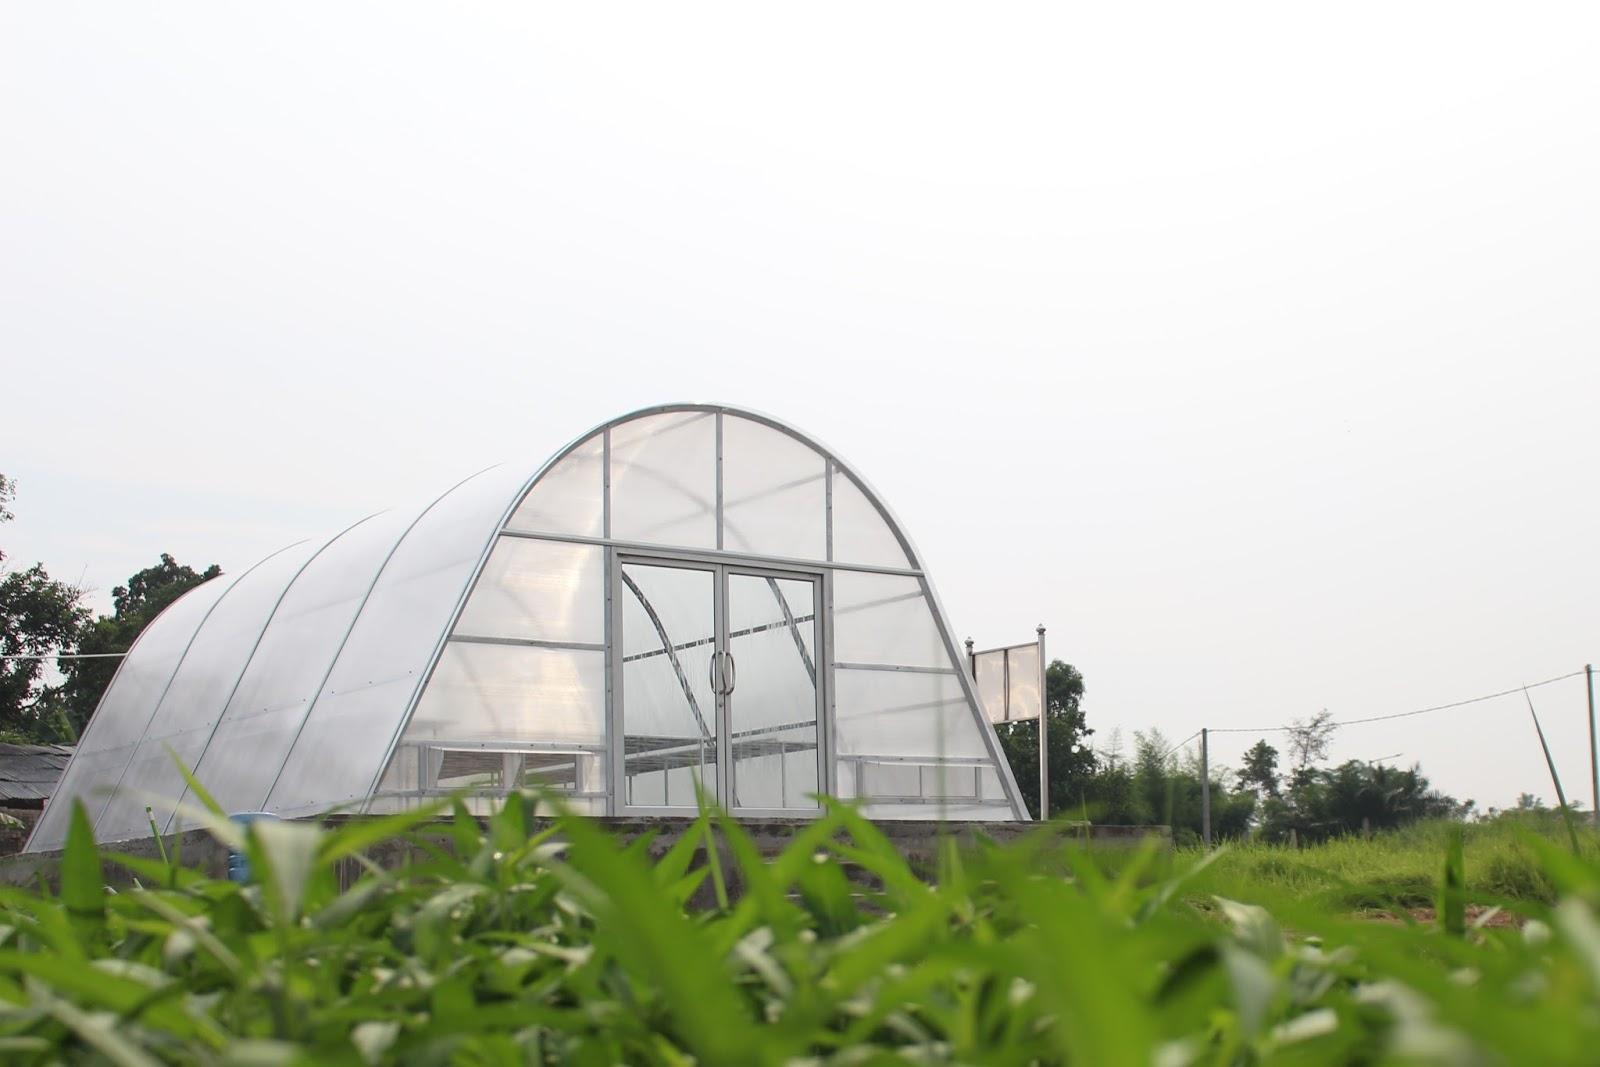 solar dryer dome Javara - Bekasi